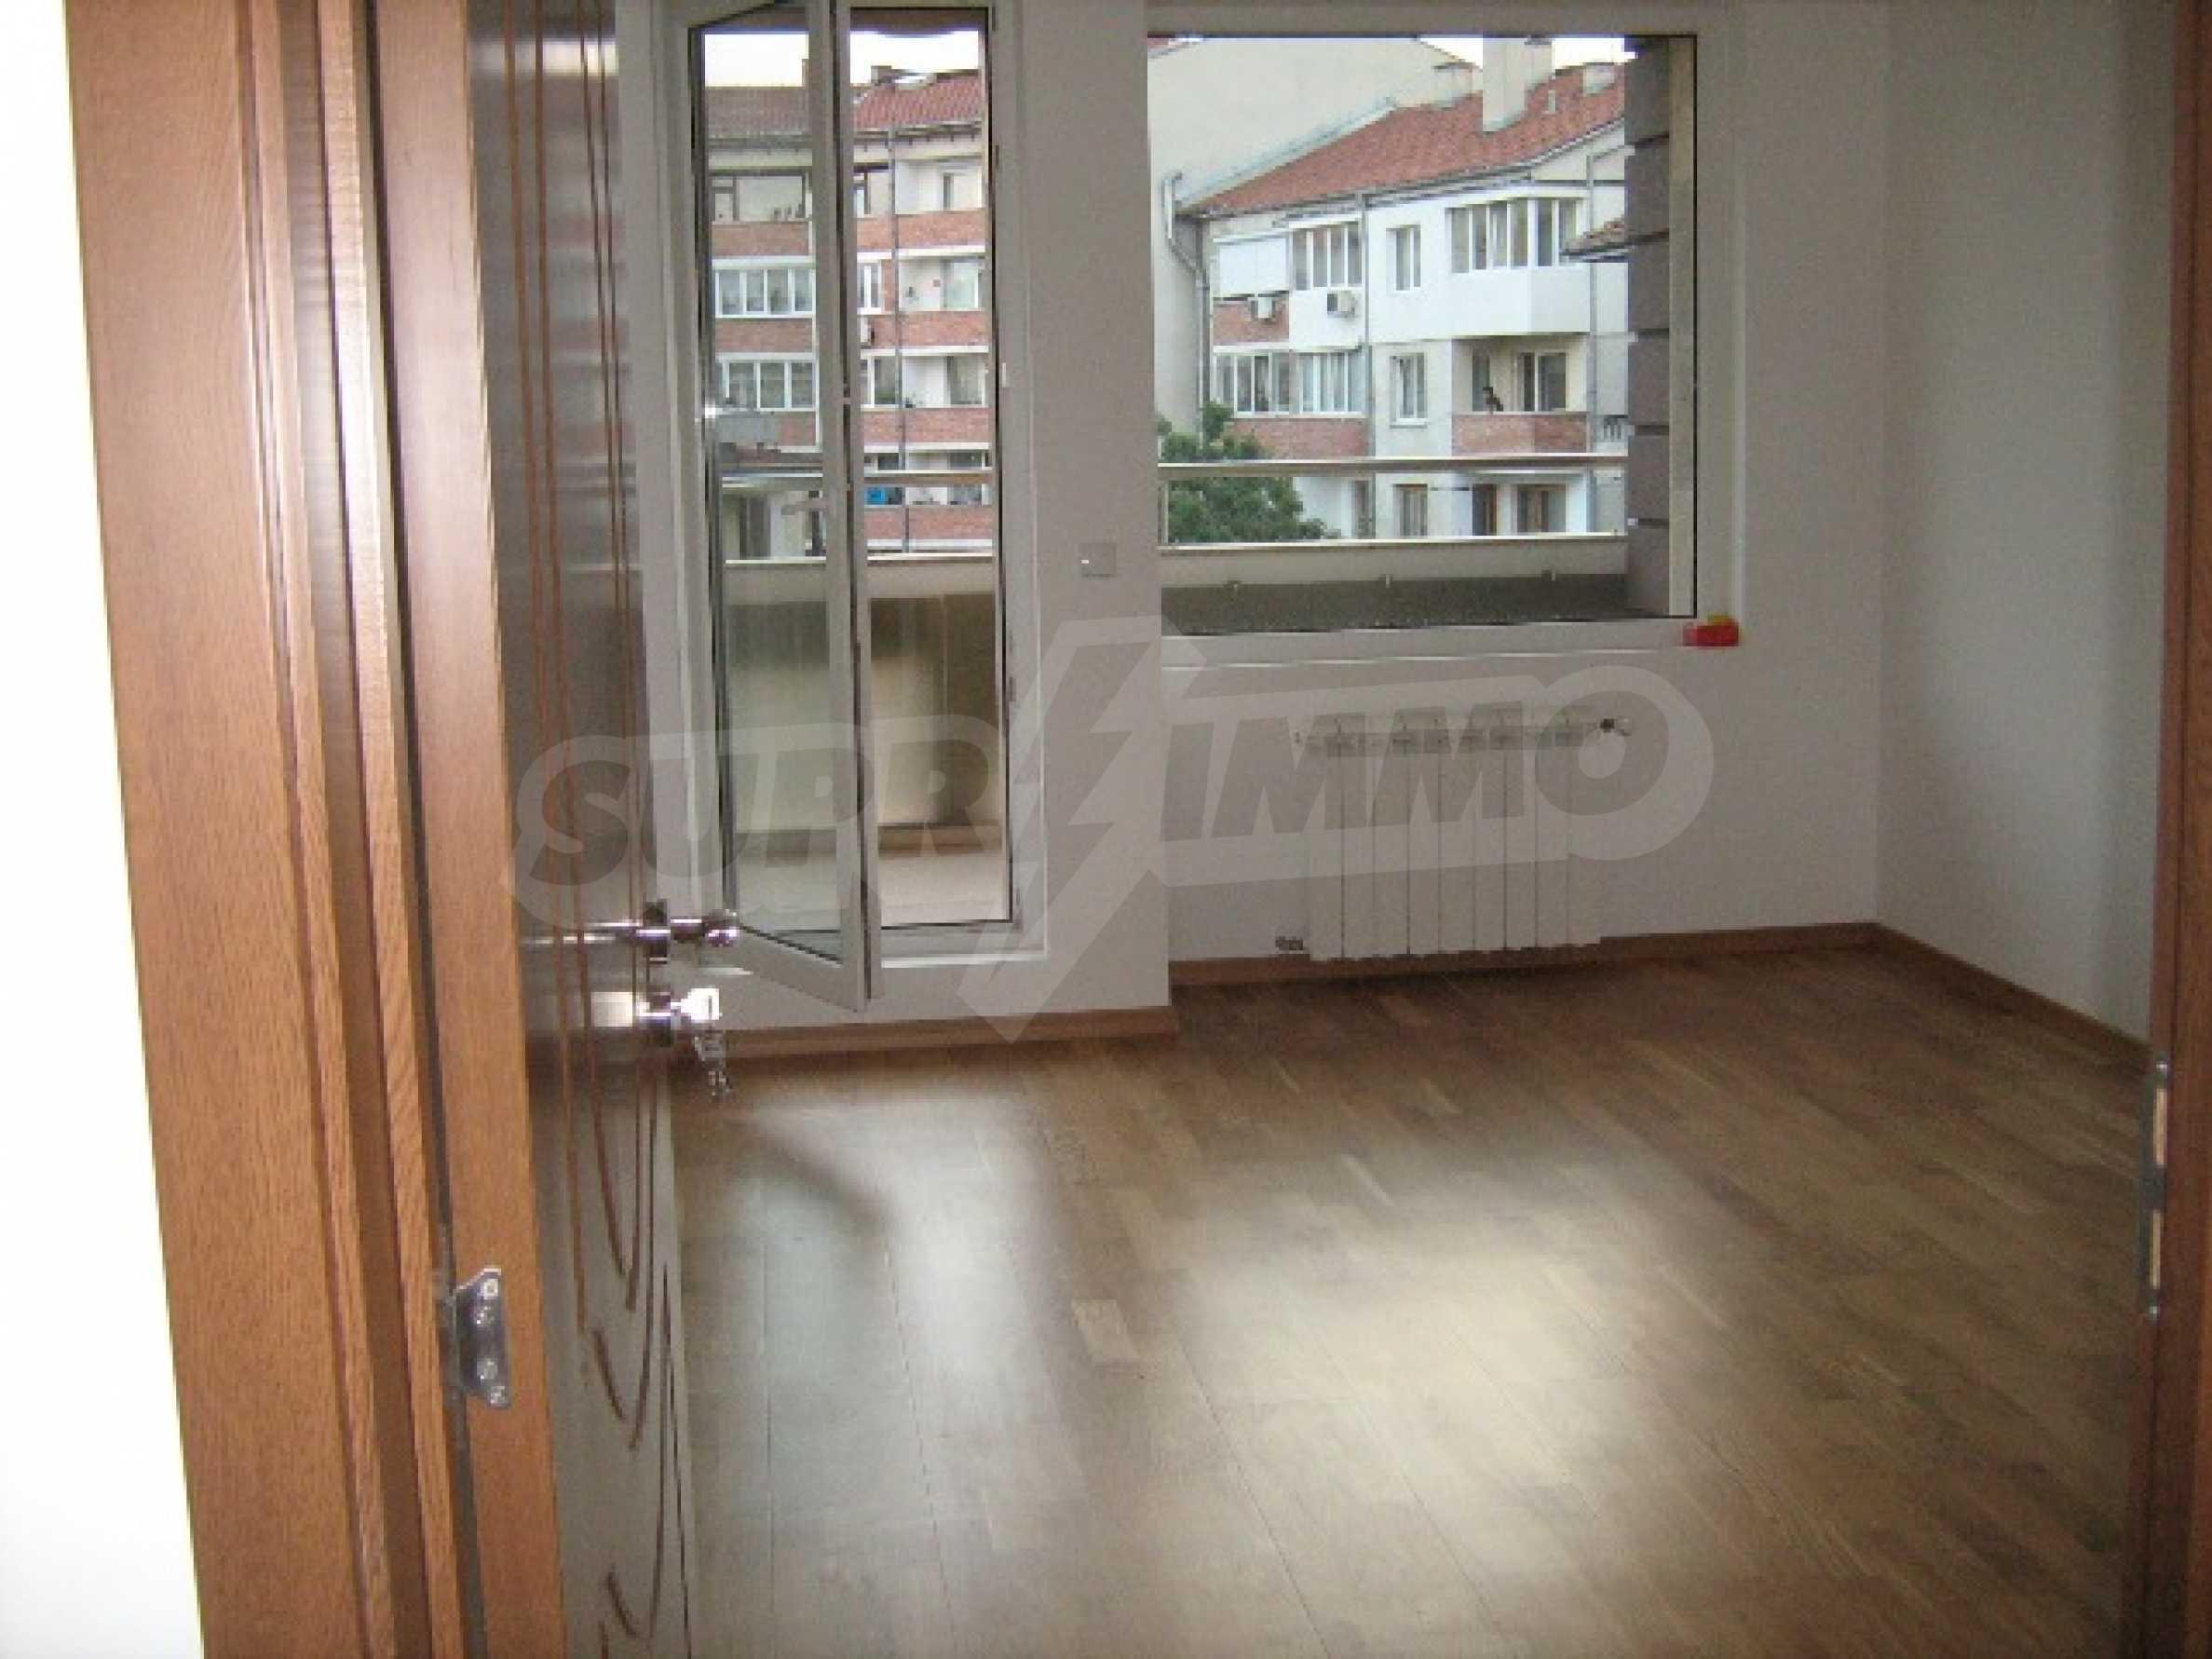 Konstantin Irechek Apartment 3